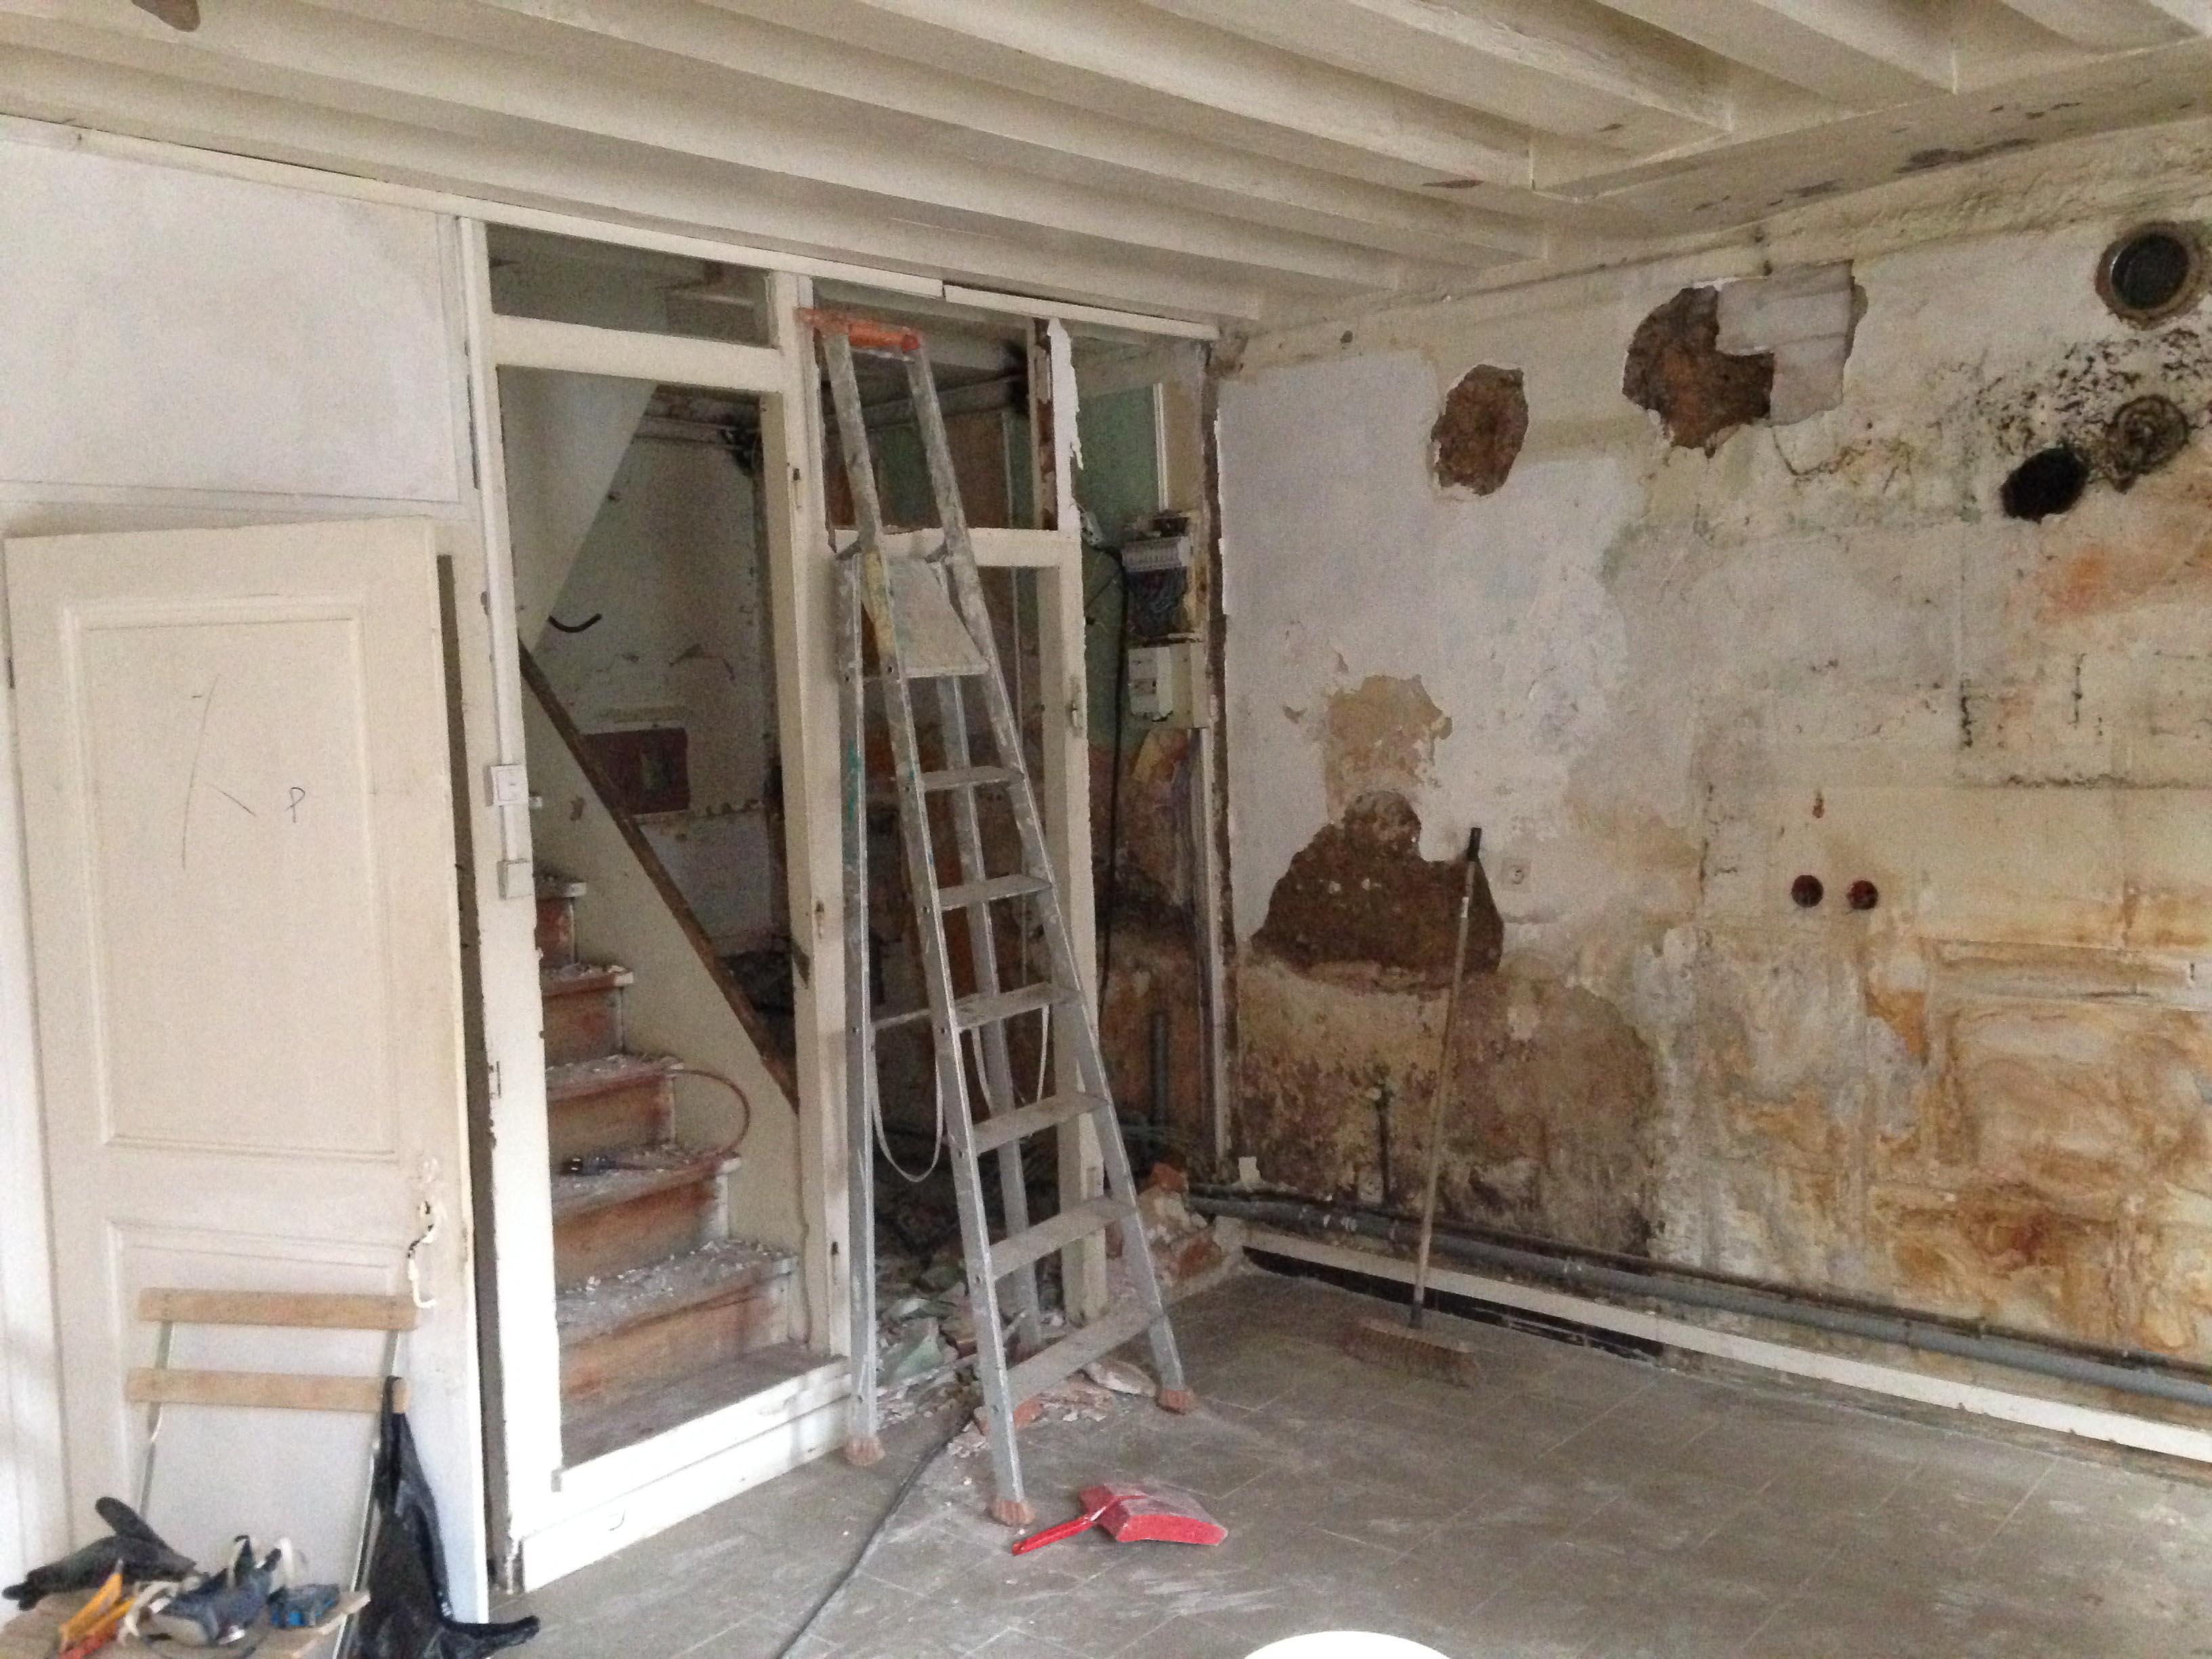 rénovation_maison_azergues_restauration_rehabilitation_construction_maison_ancienne_presbytère